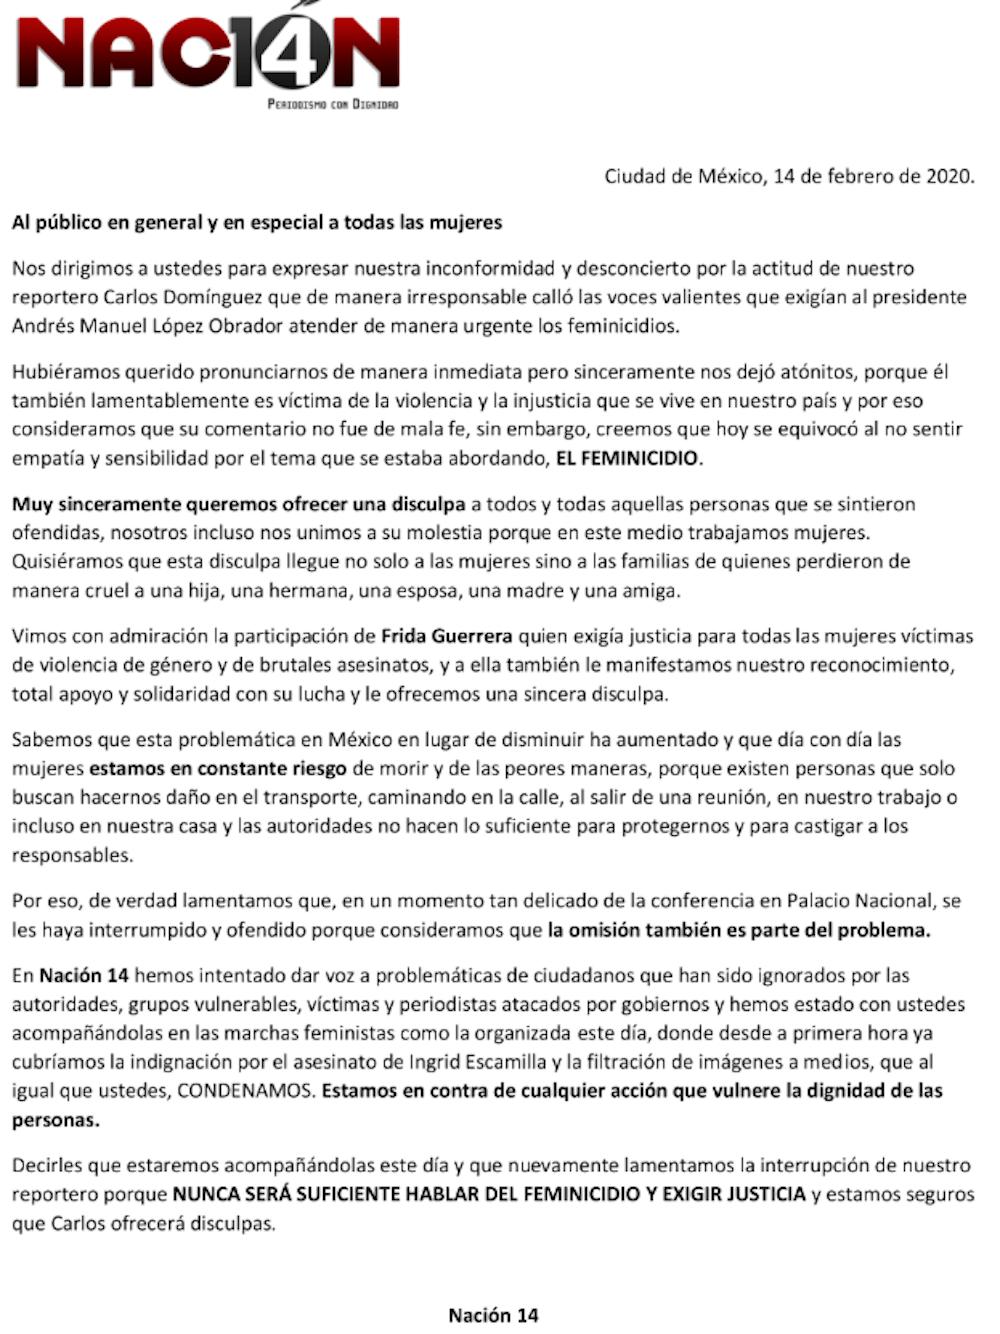 comunicado-nacion-14-carlos-dominguez-femincidios